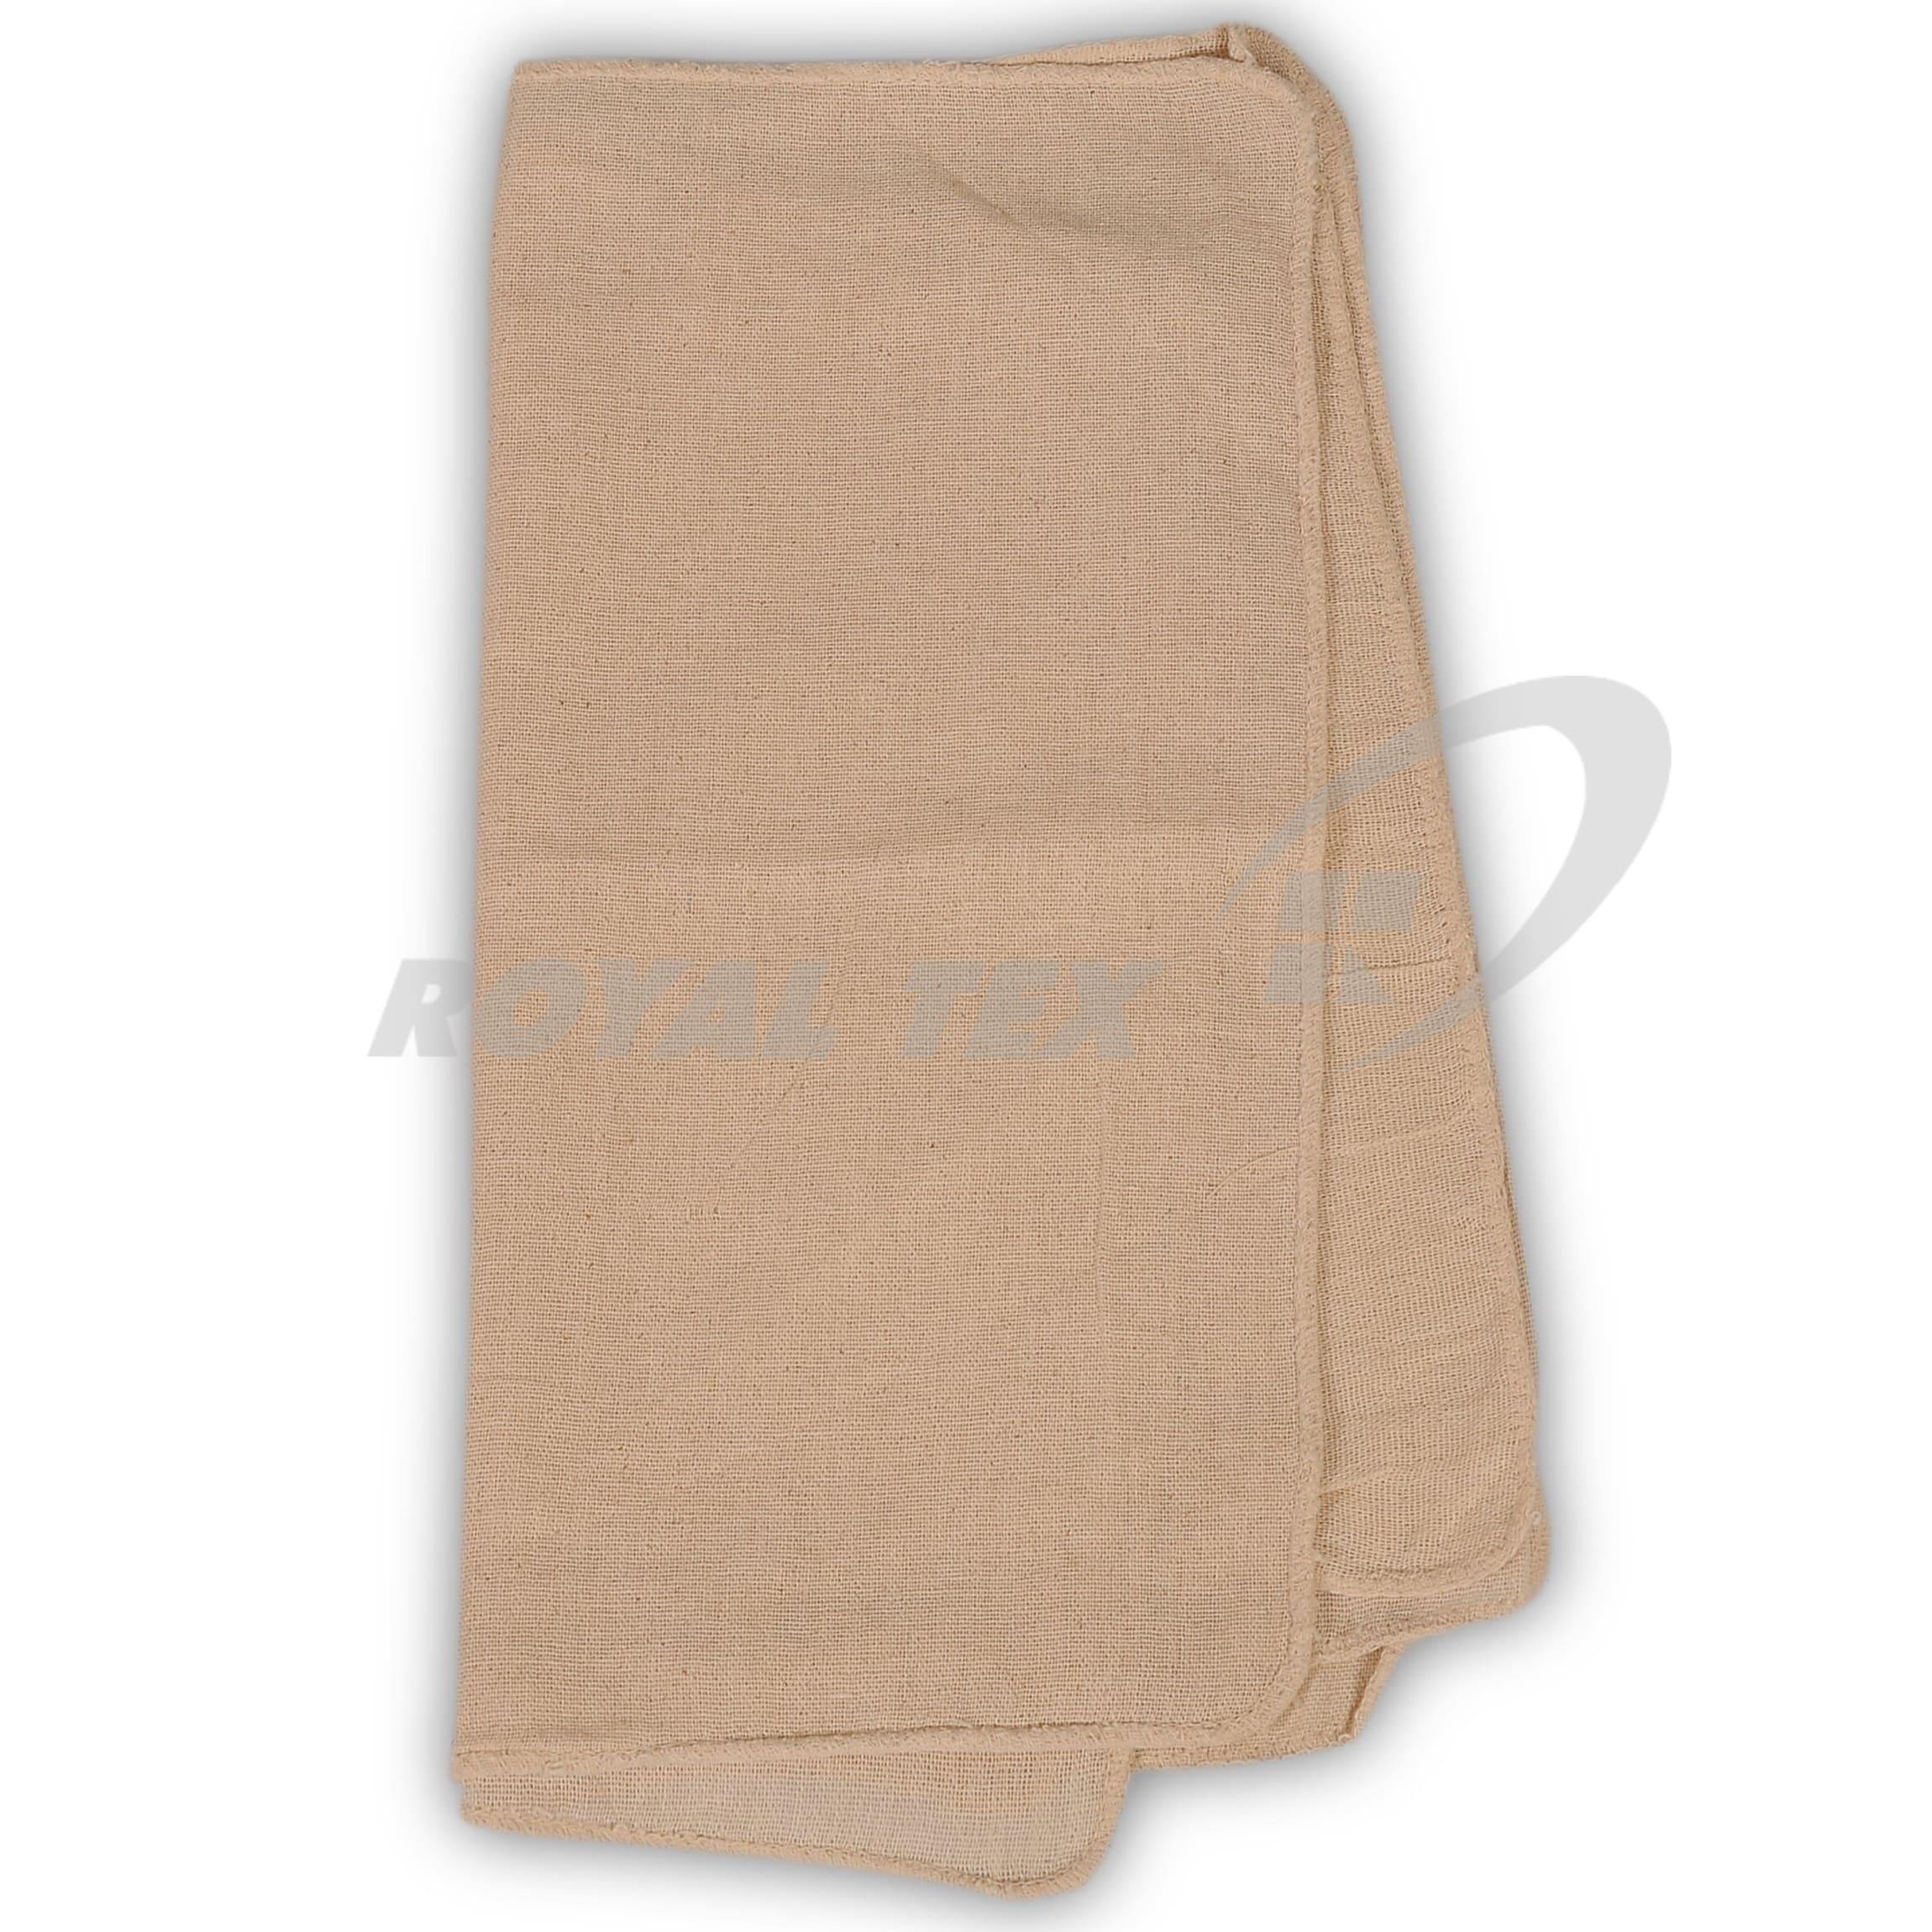 Shop Towel - Natural